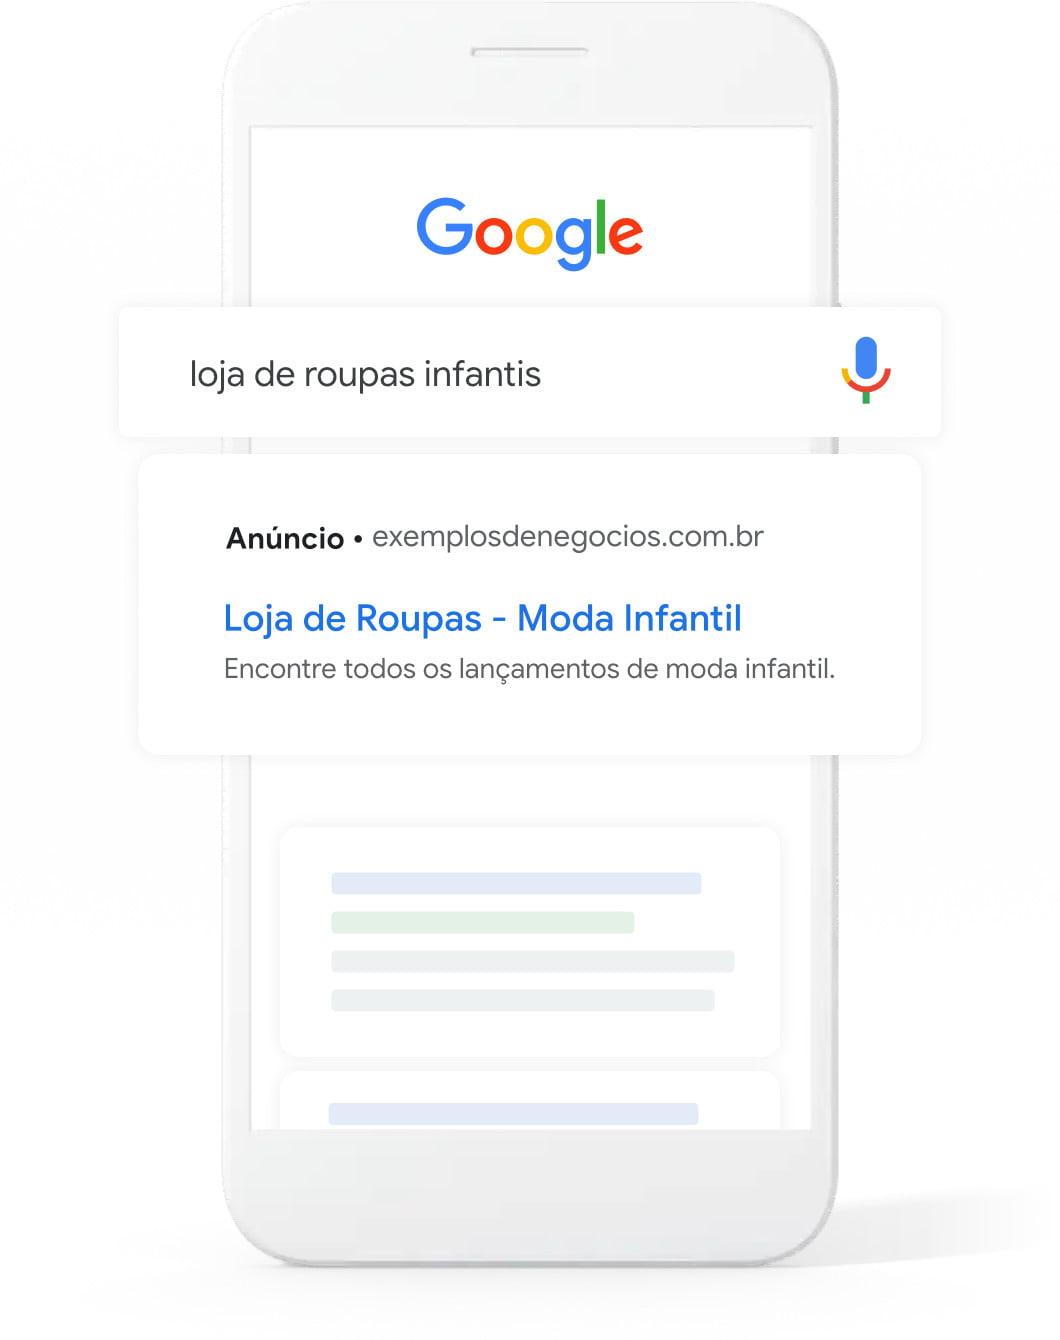 Anúncio no Google Agência de Marketing